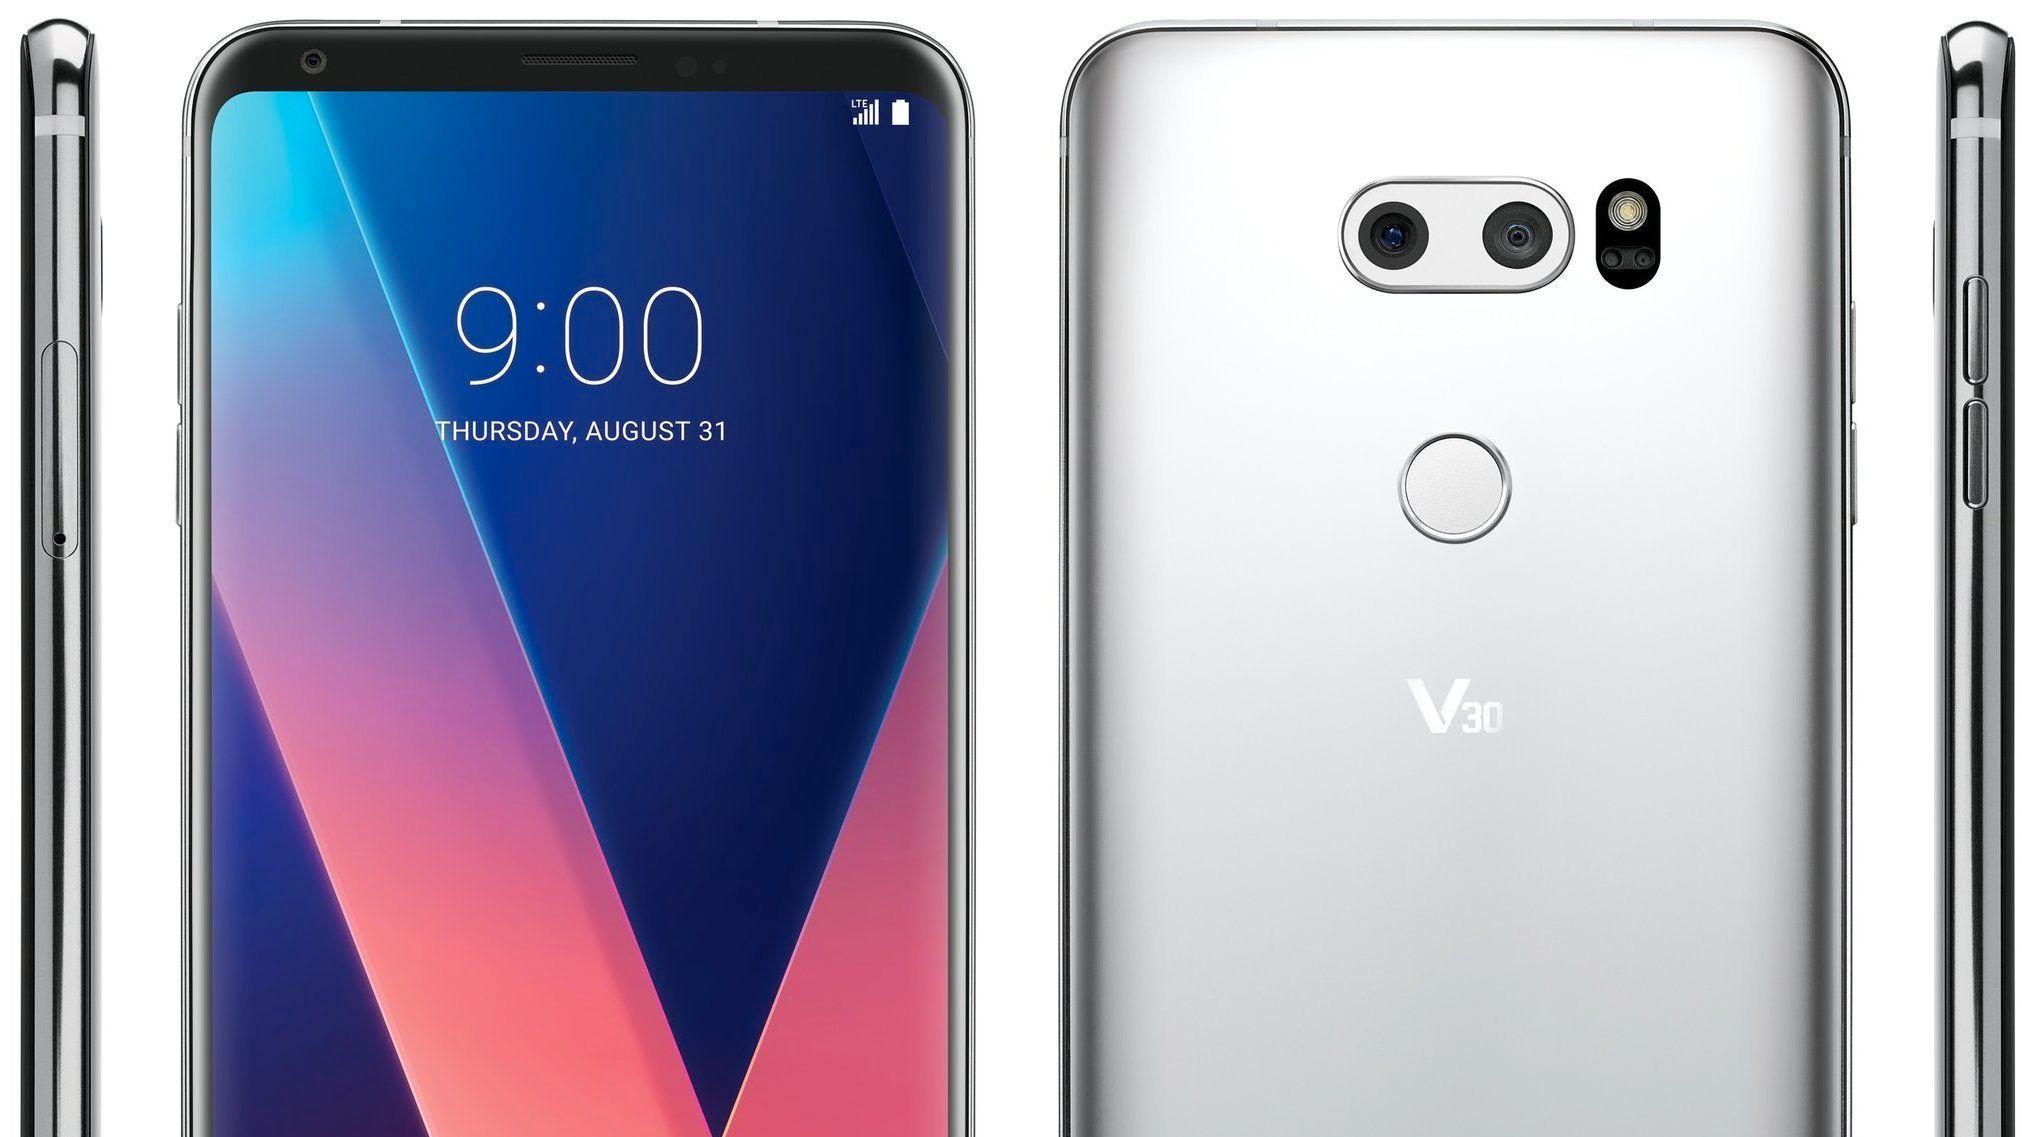 Slik blir LG V30s unike lydløsning